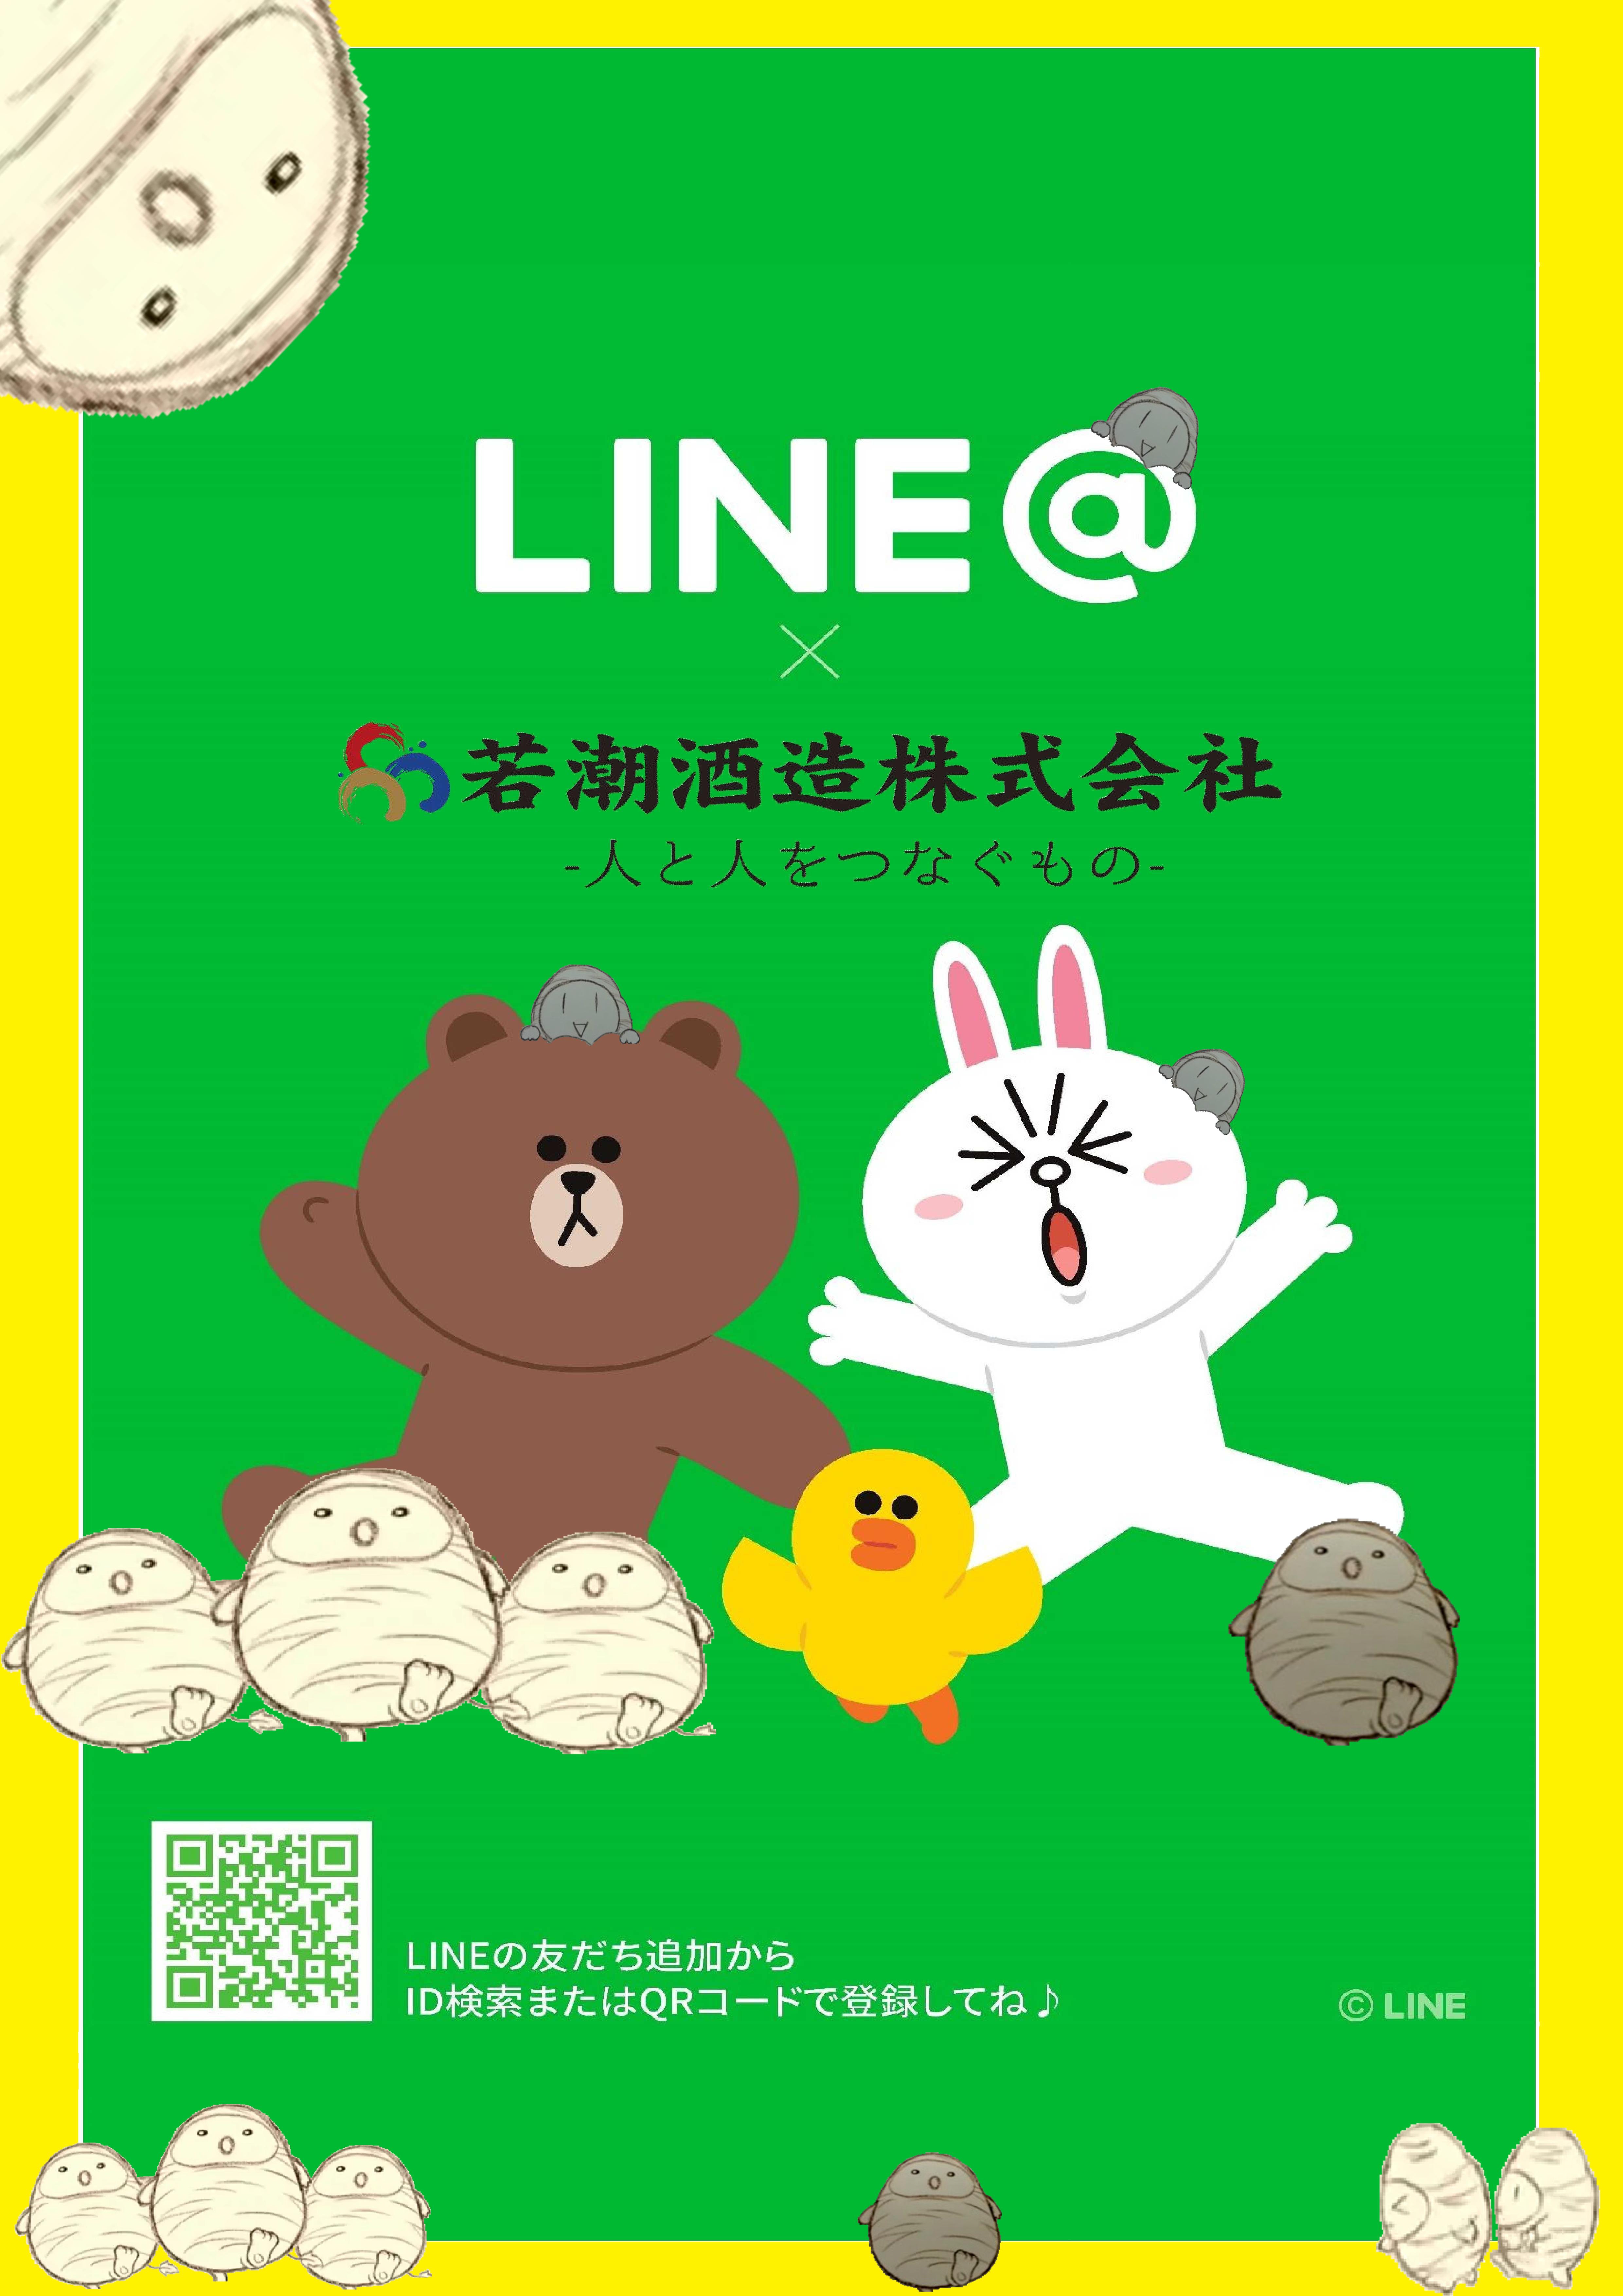 LINE@ポスター - コピー_R